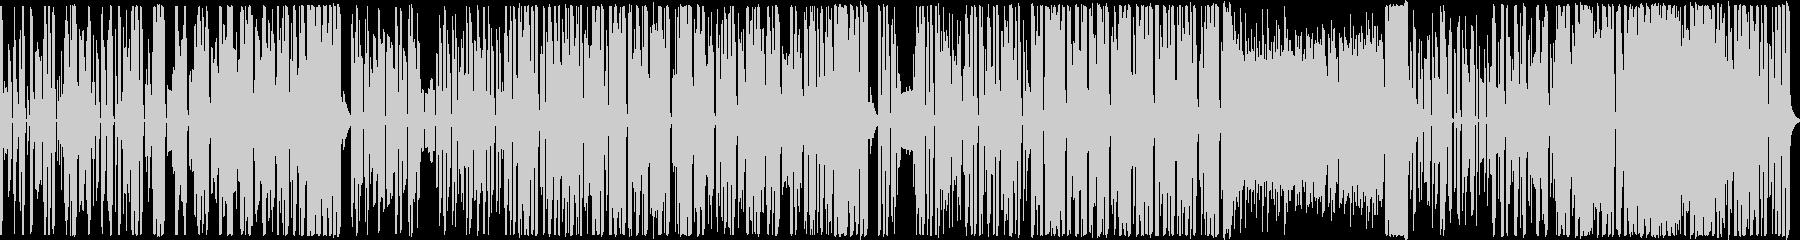 楽しいイメージのシンセポップ ループ可の未再生の波形